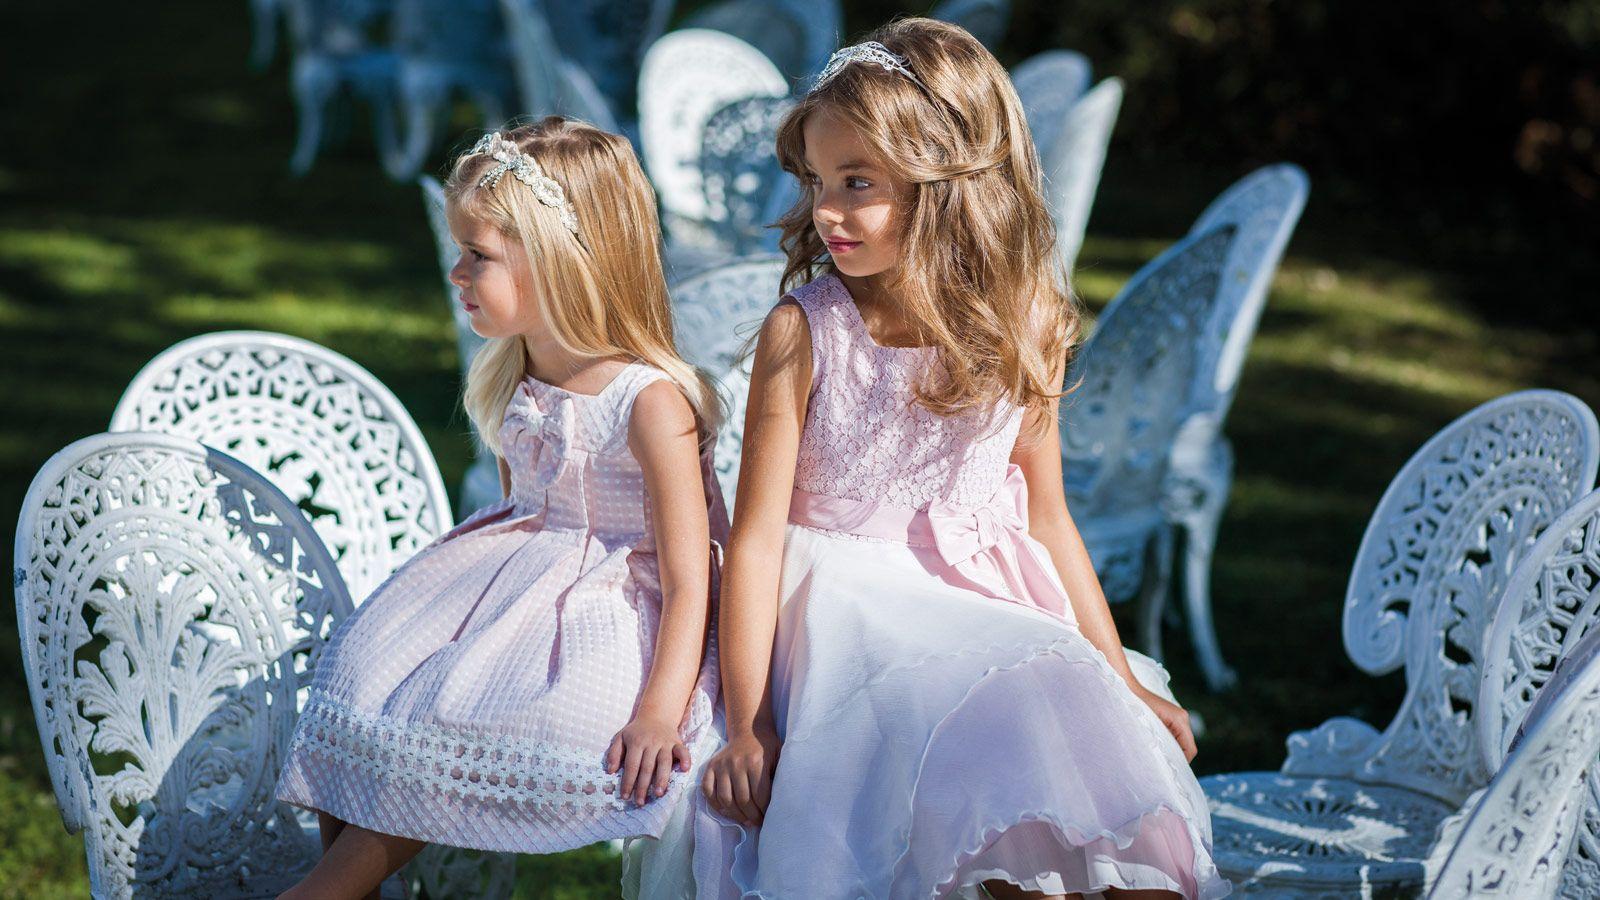 Bambini matrimonio ~ Abbigliamento bambini collezione carlo pignatelli junior 2013